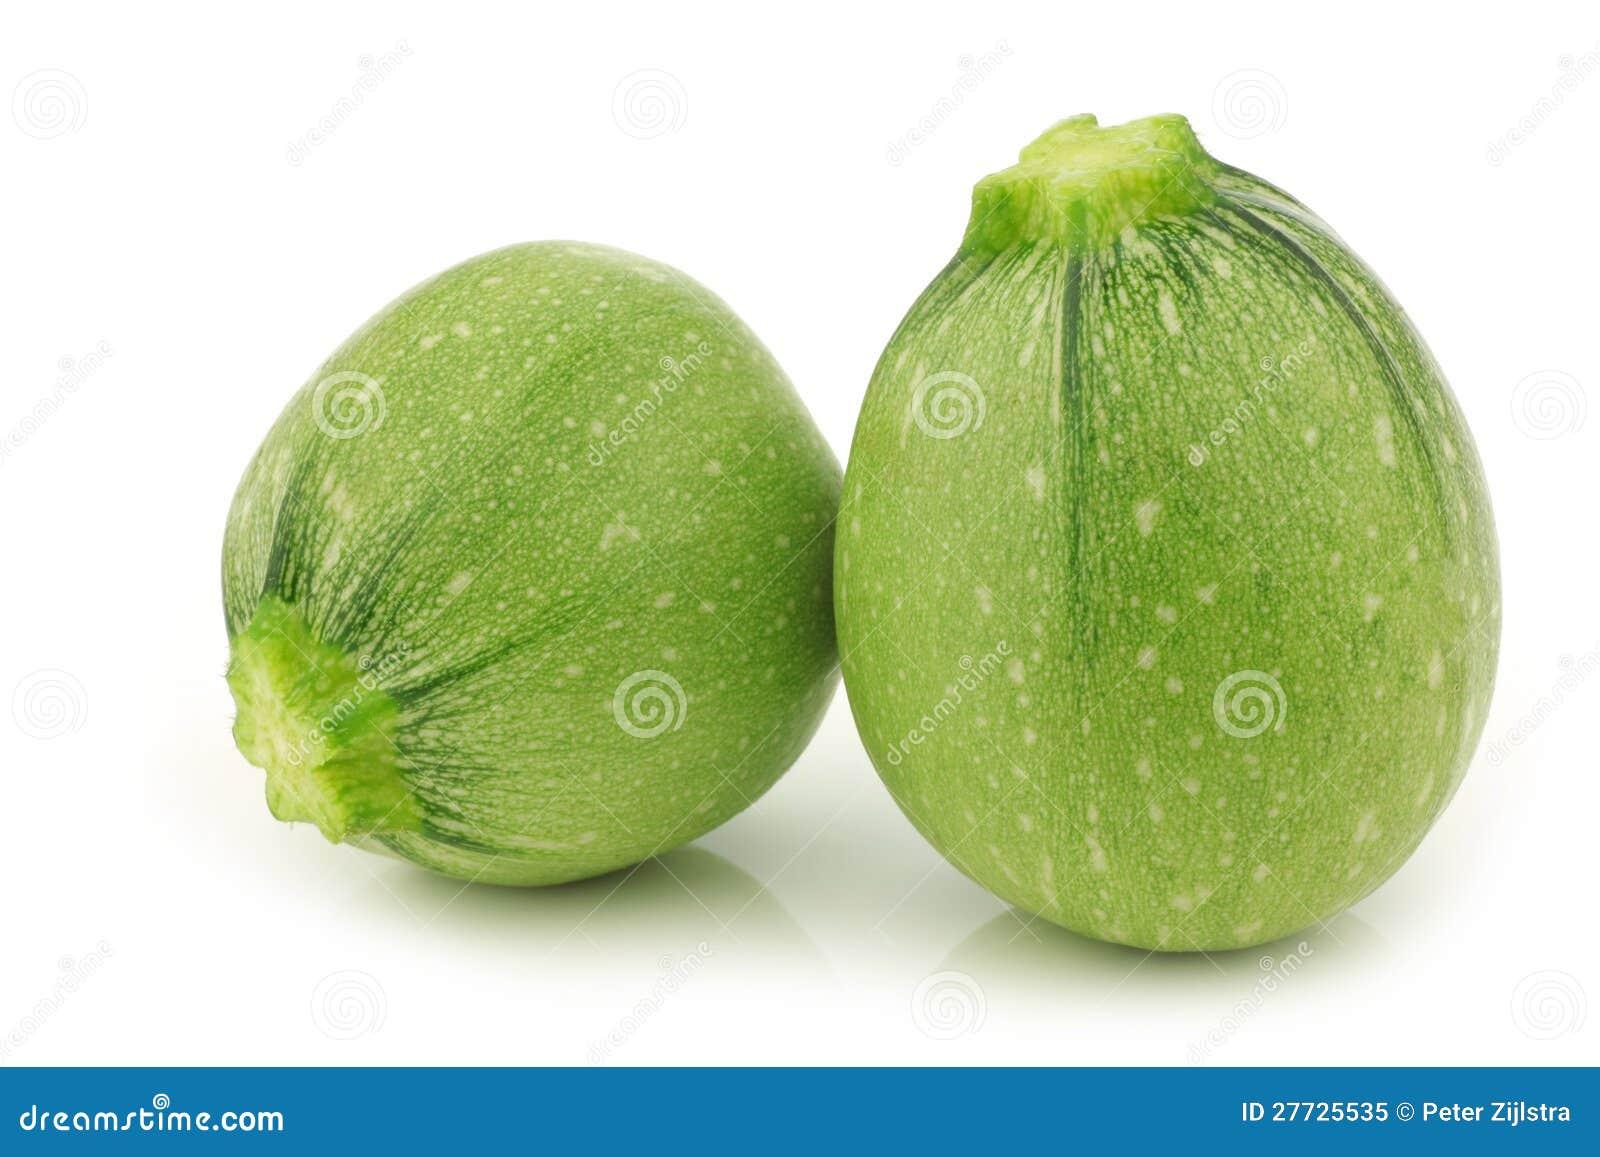 Zwei hellgrüne runde Zucchini